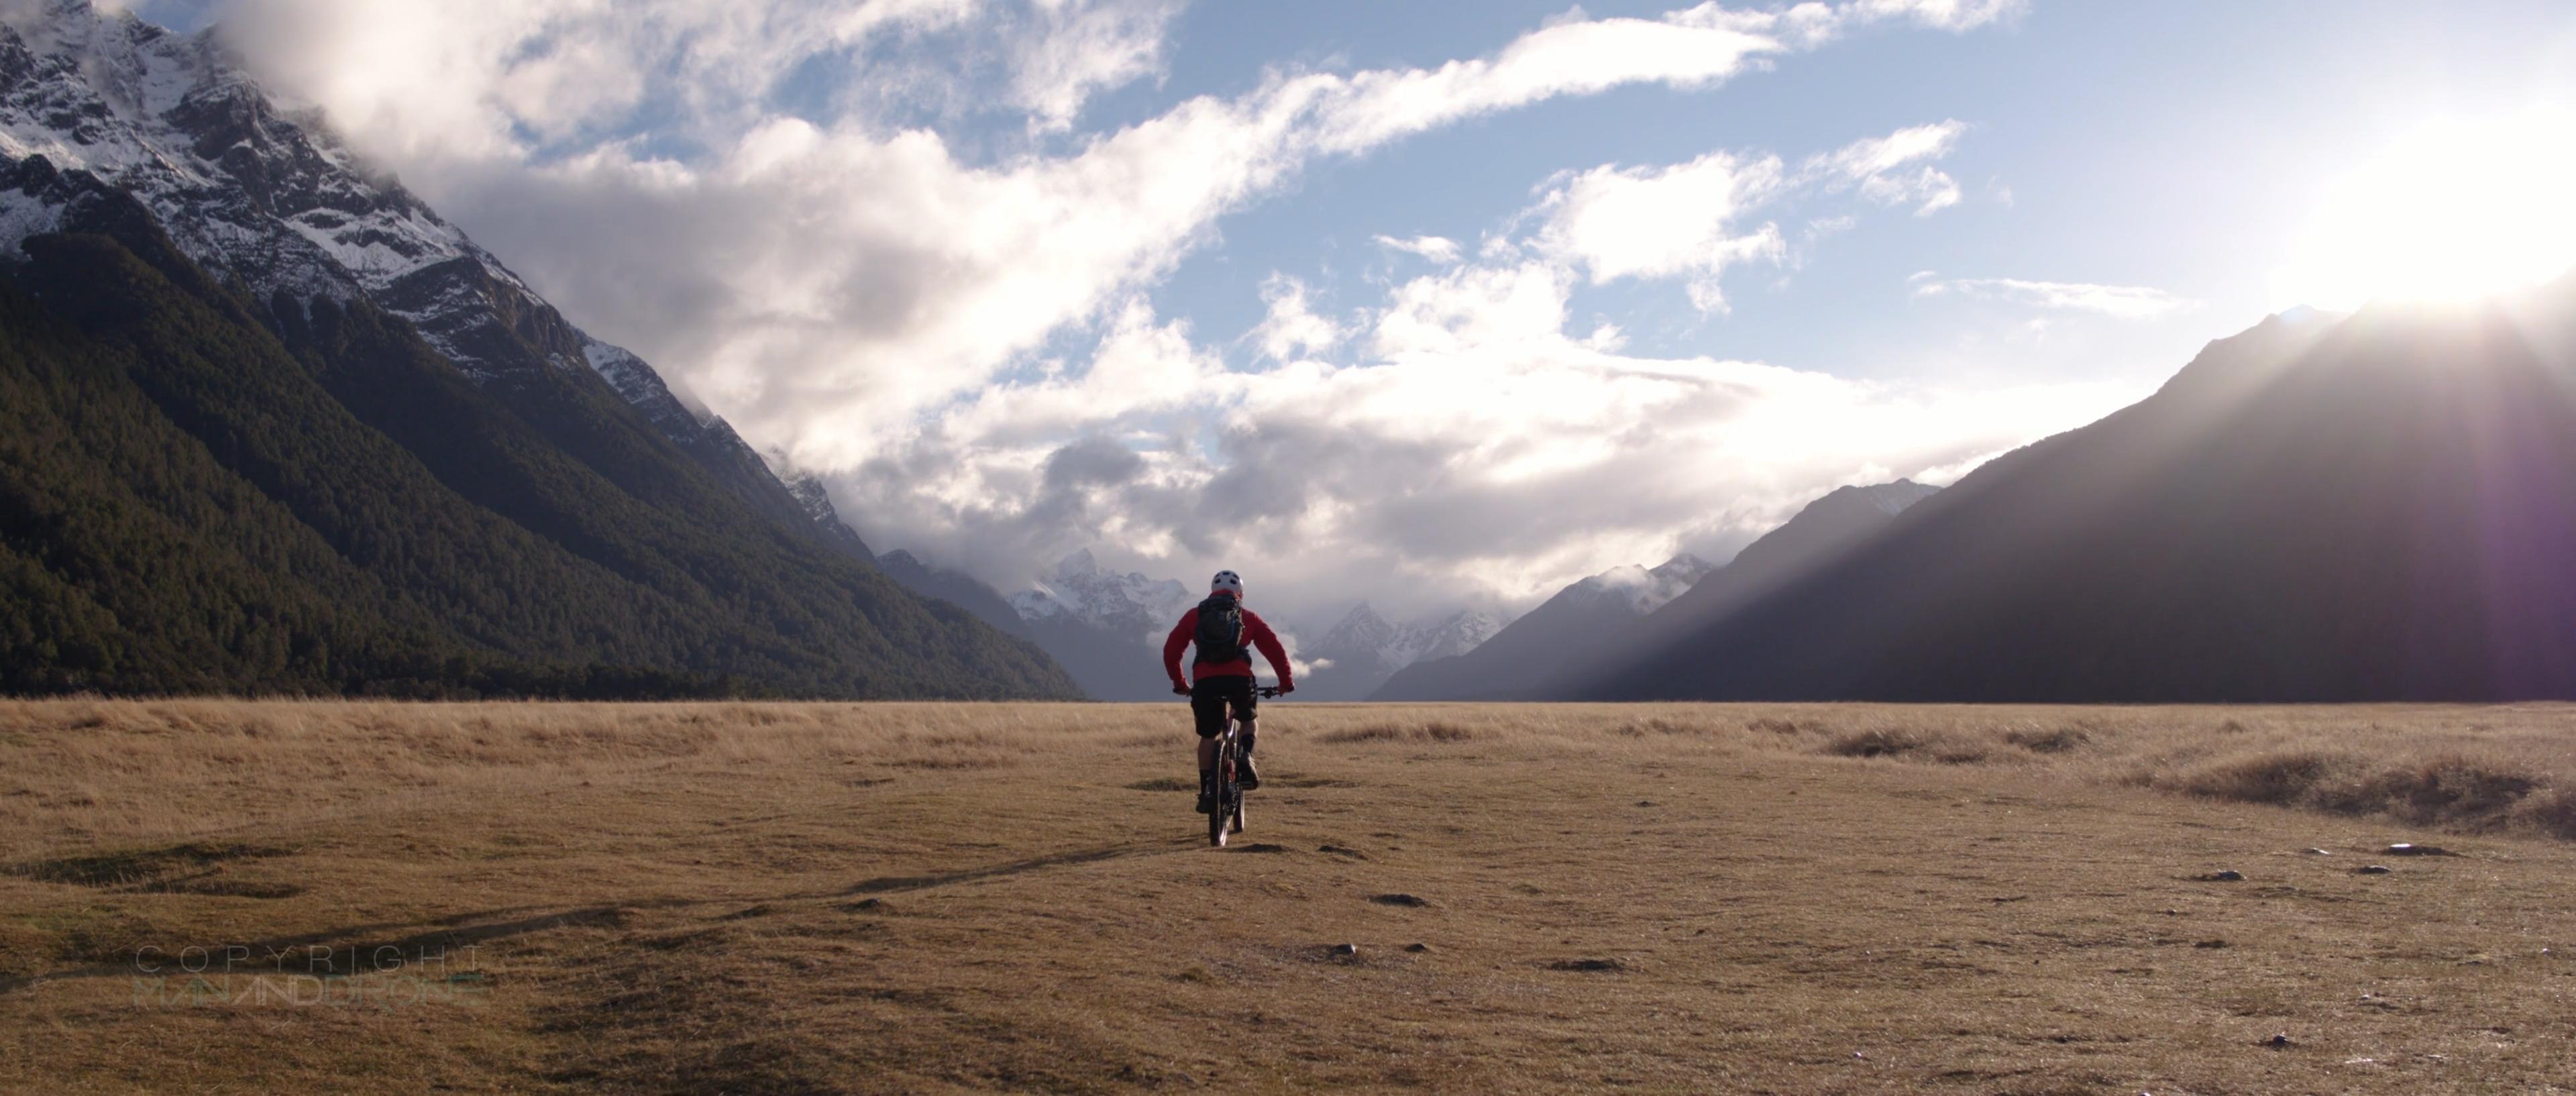 Новая зеландия Hd: Великое Внизу (2017) смотреть онлайн или